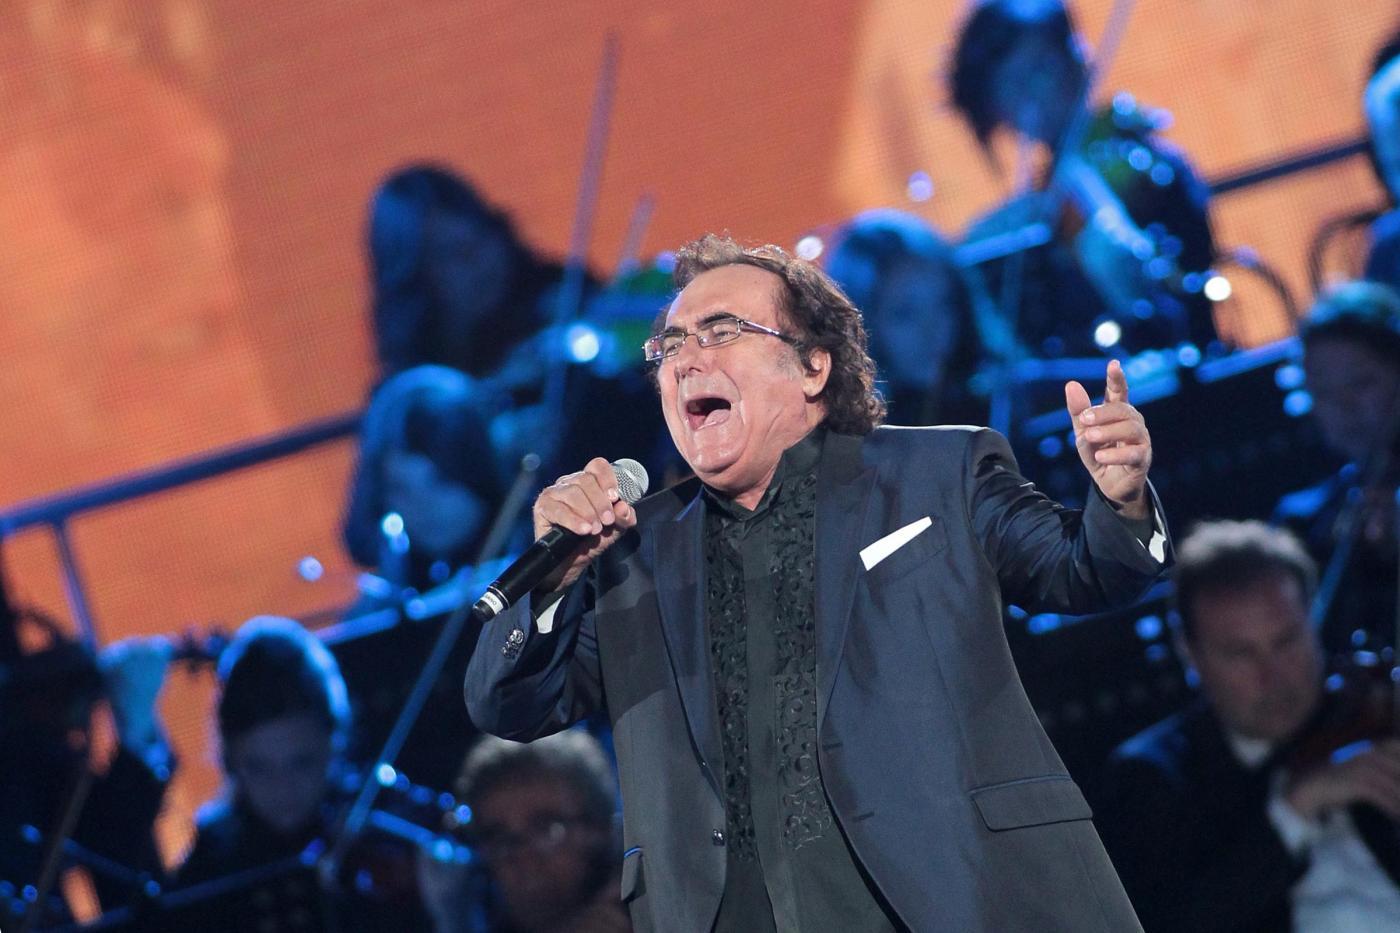 Albano: 'A Sanremo 2017 con lo spirito di sempre, a Trump canterei 'O sole mio'